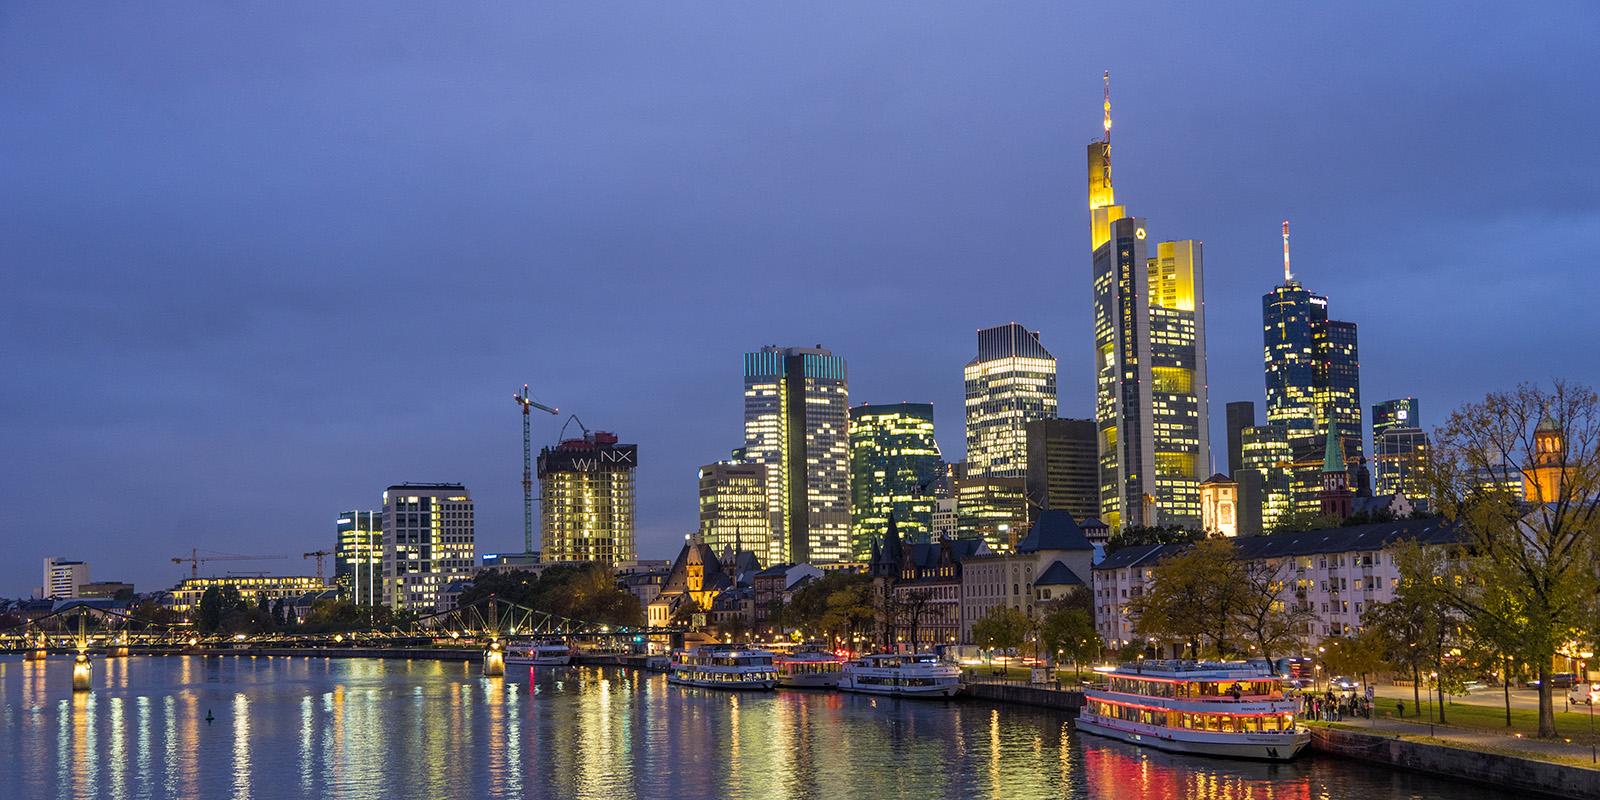 wie banken bewerber auswhlen - Deutsche Bank Bewerbung